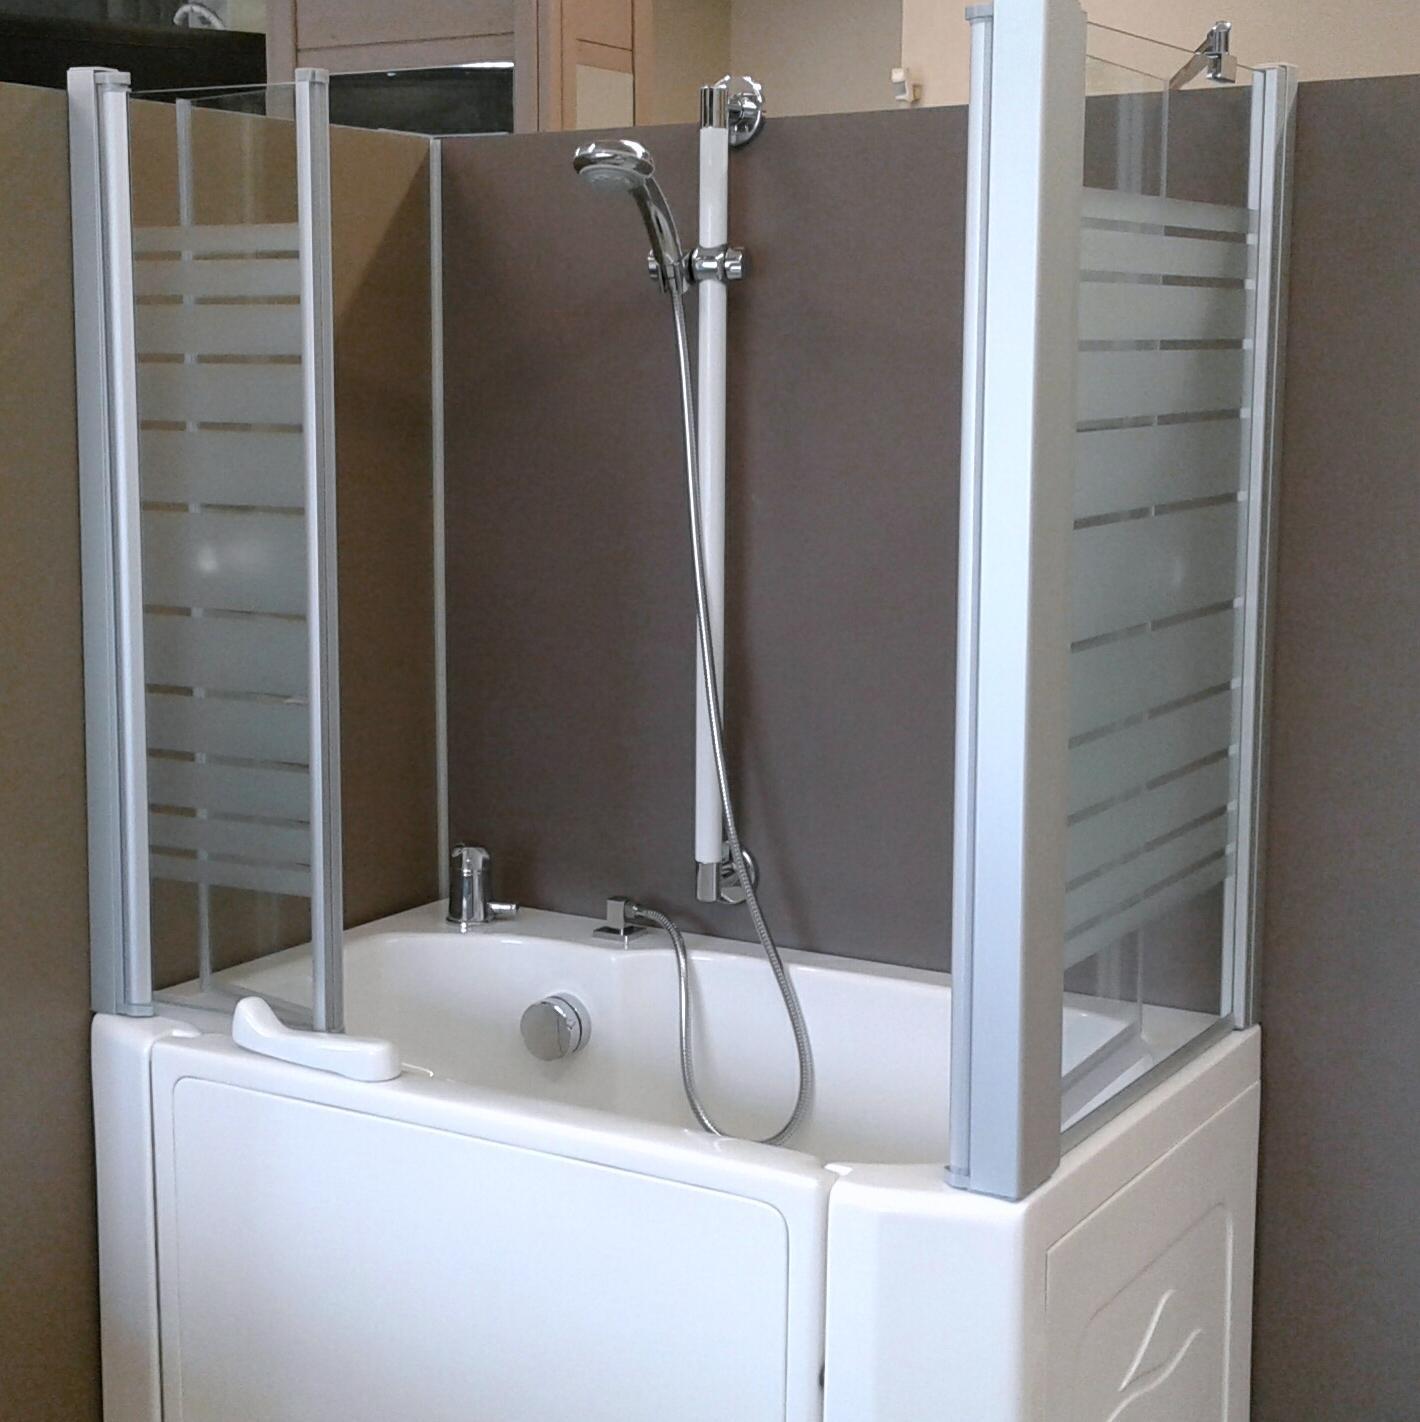 Docce per anziani e disabili sostituzione vasca in doccia - Box doccia con sedile ...